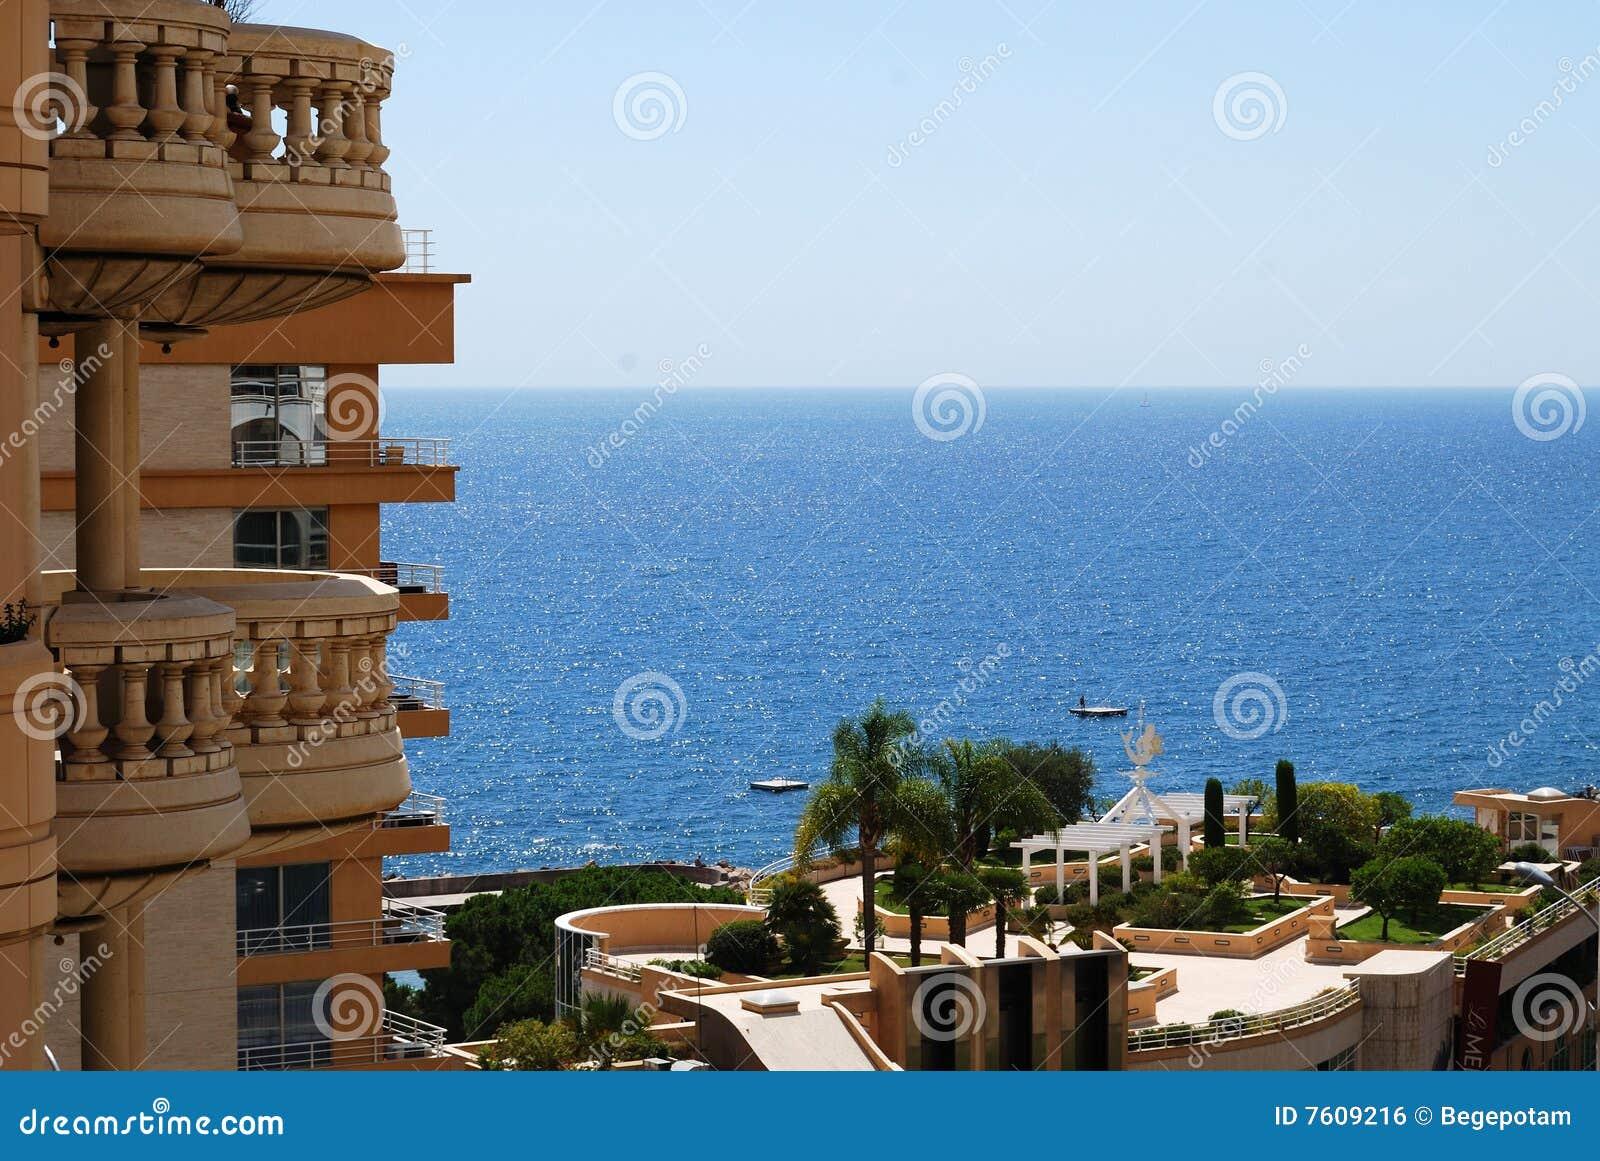 魅力旅馆被日光照射了摩纳哥的海运